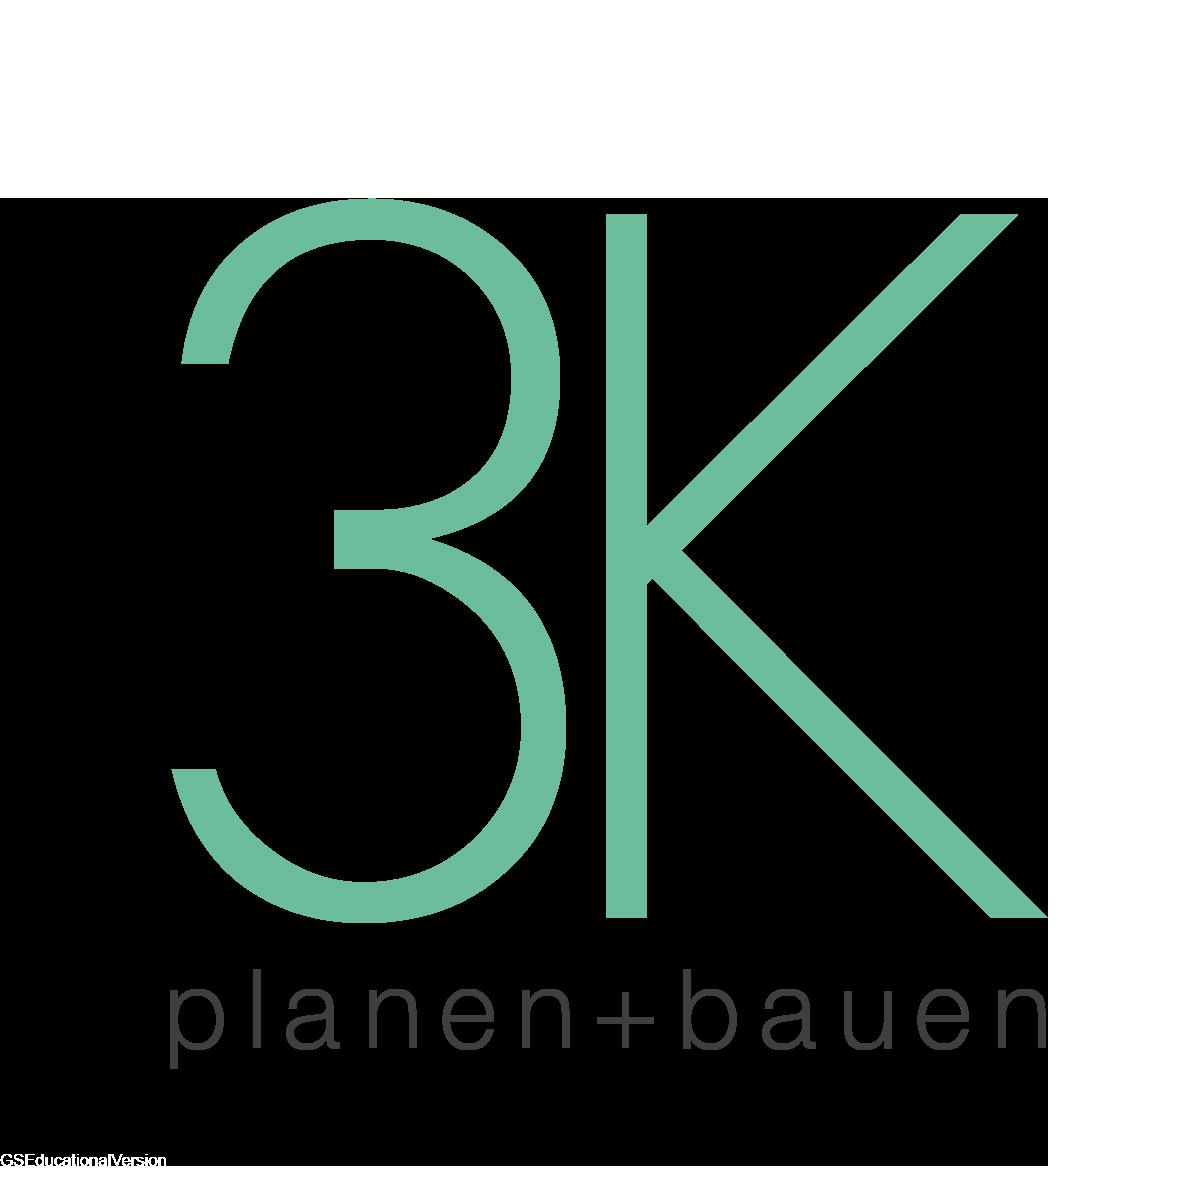 (c) 3k-planen-bauen.de